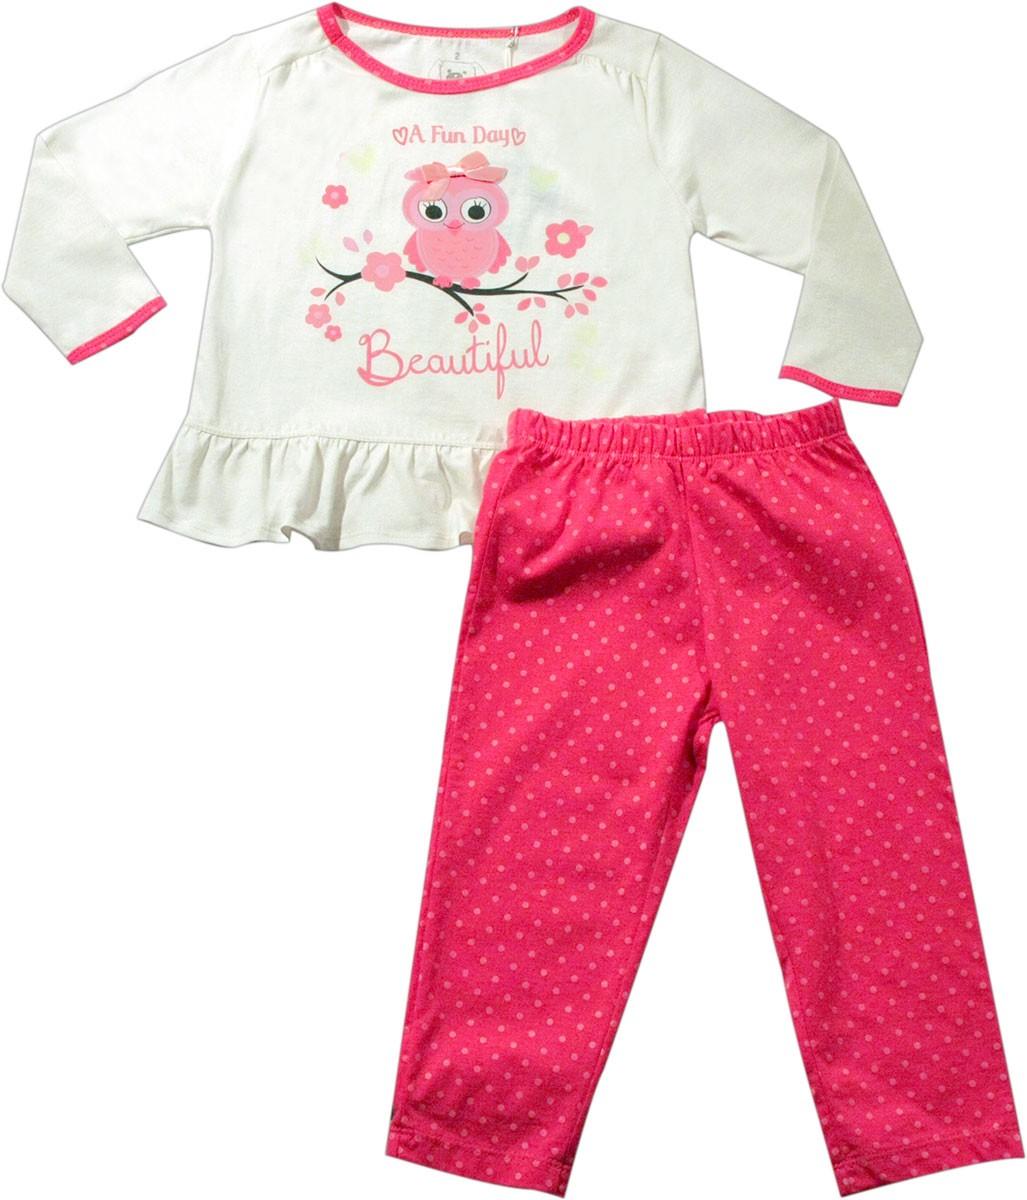 61.021 - Conjunto Pijama Silk Coruja